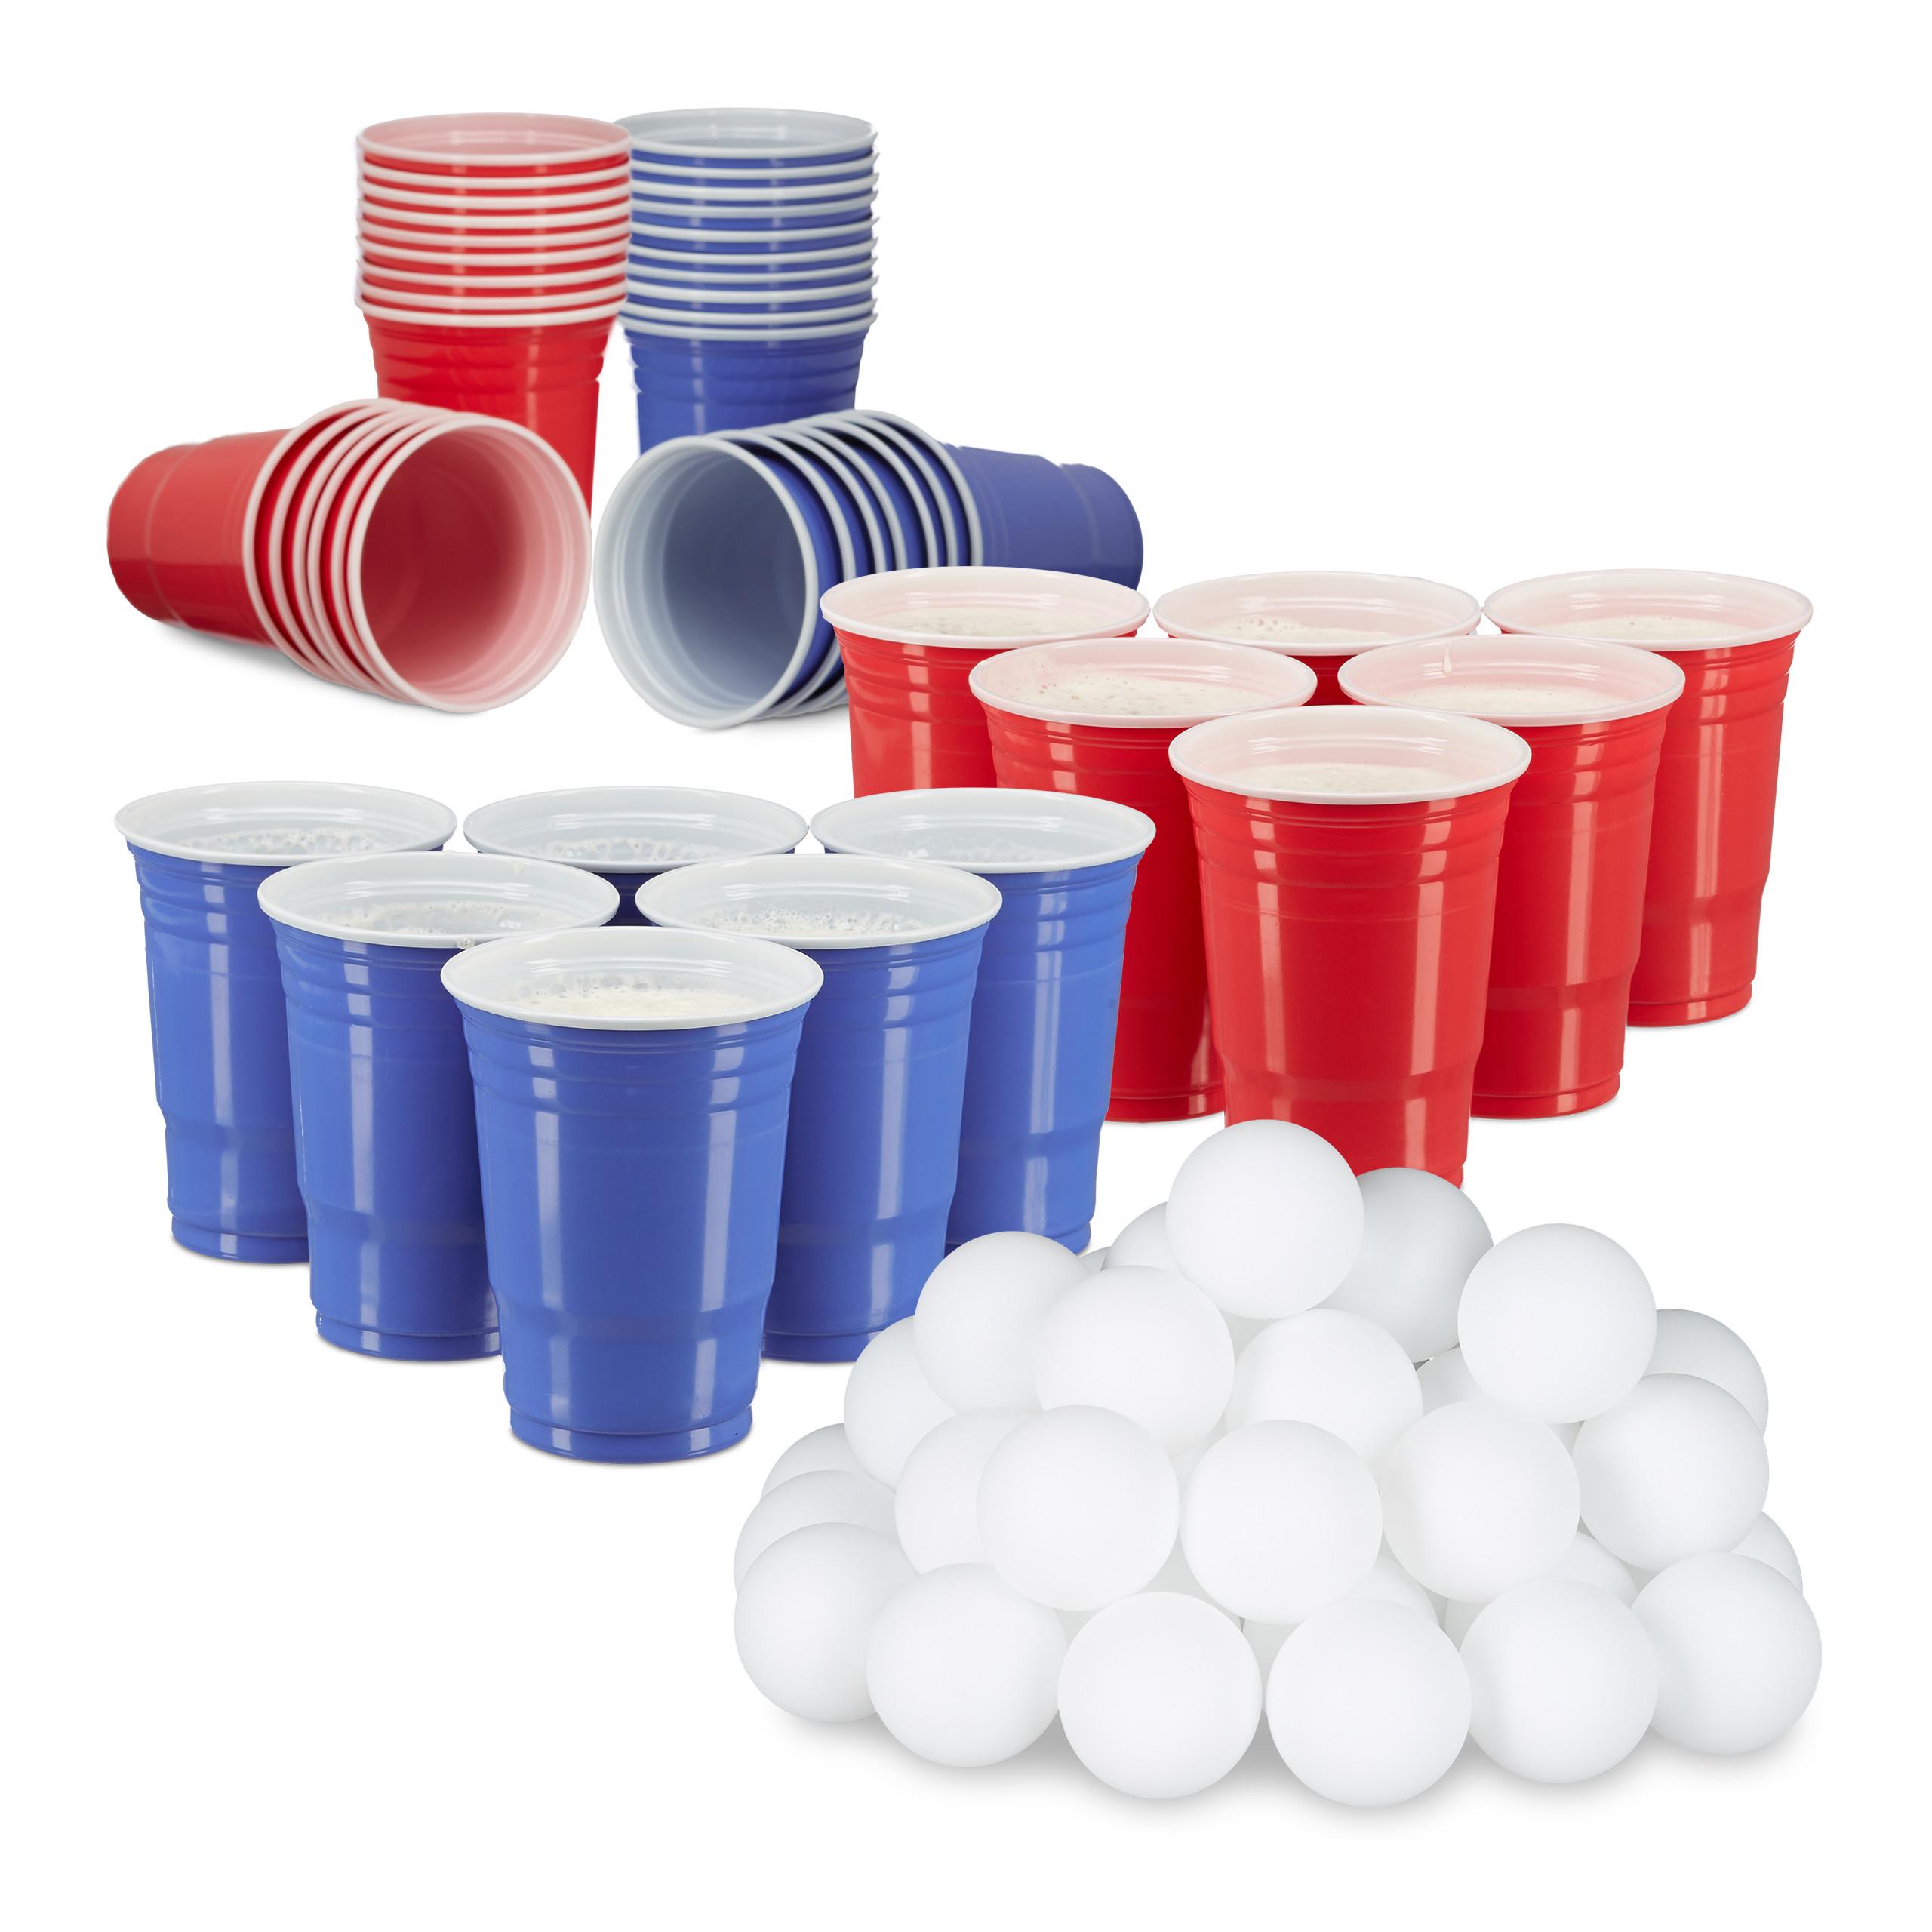 Bier Pong Tisch Bierpong Bier-Pong-Tisch Partyspiel Trinkspiele Spieltisch